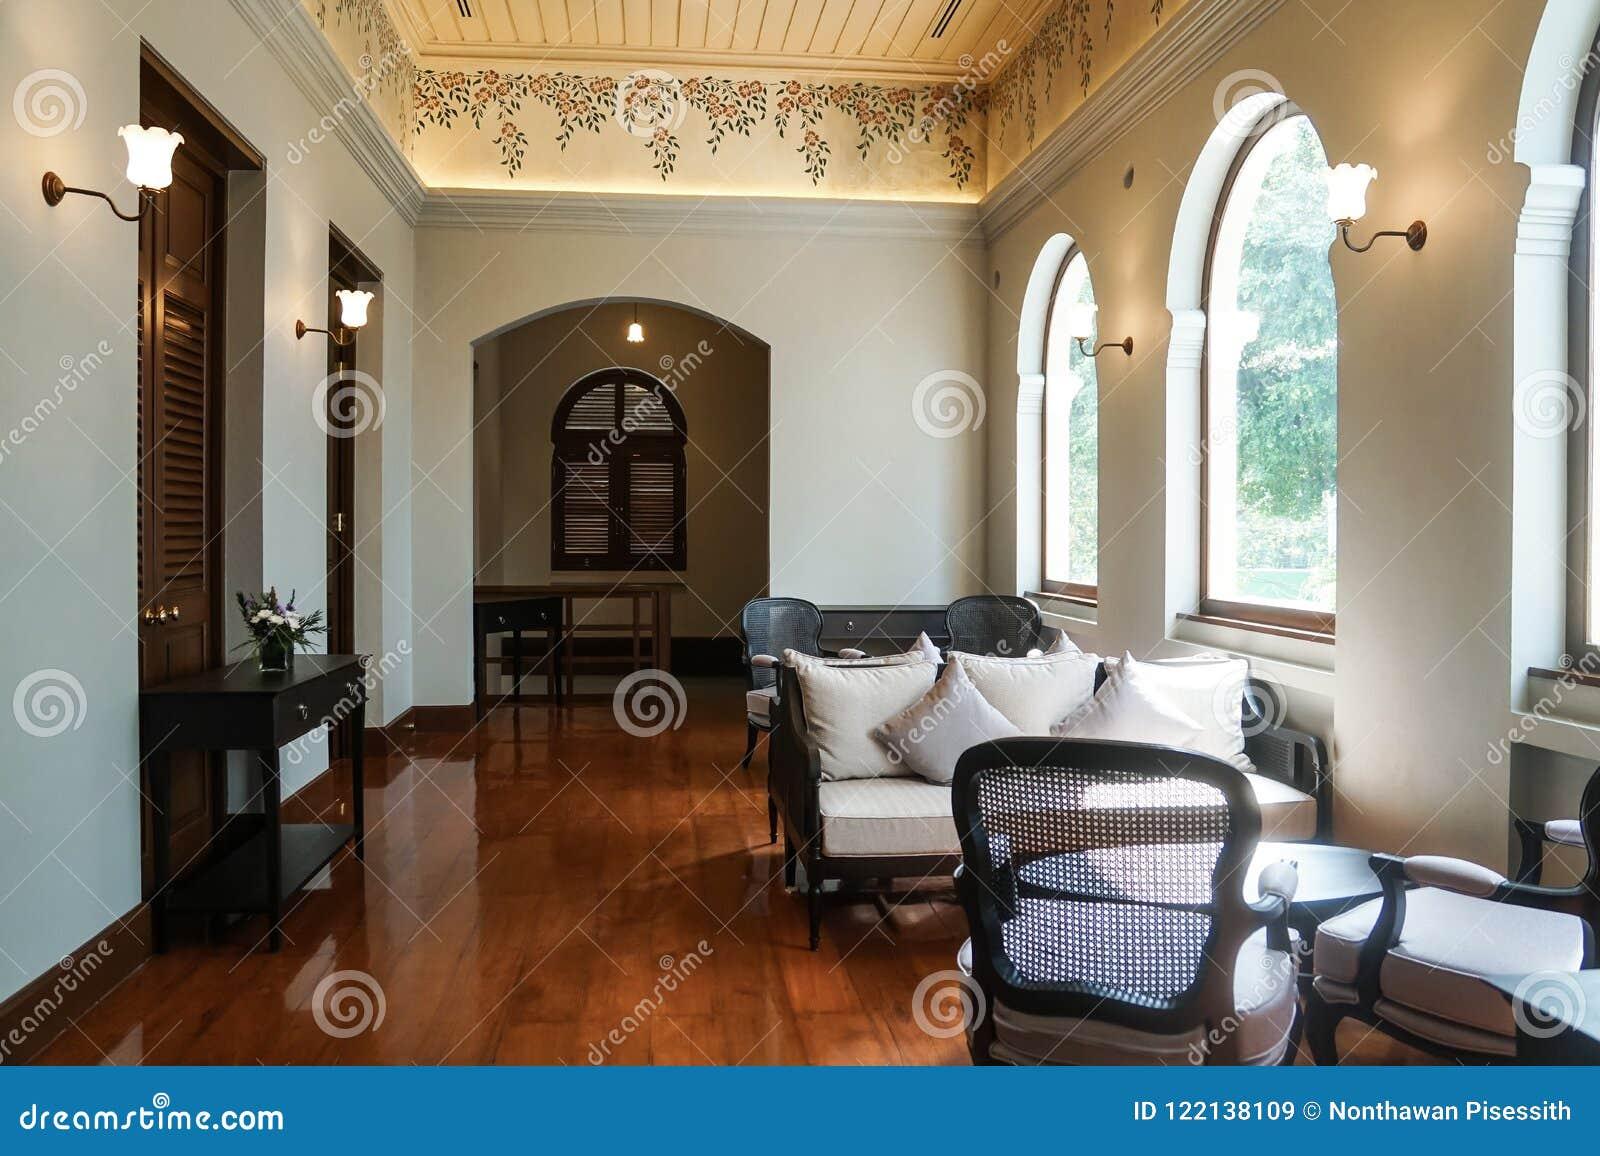 . Thai Traditional Interior Design Antique Furniture Colonial